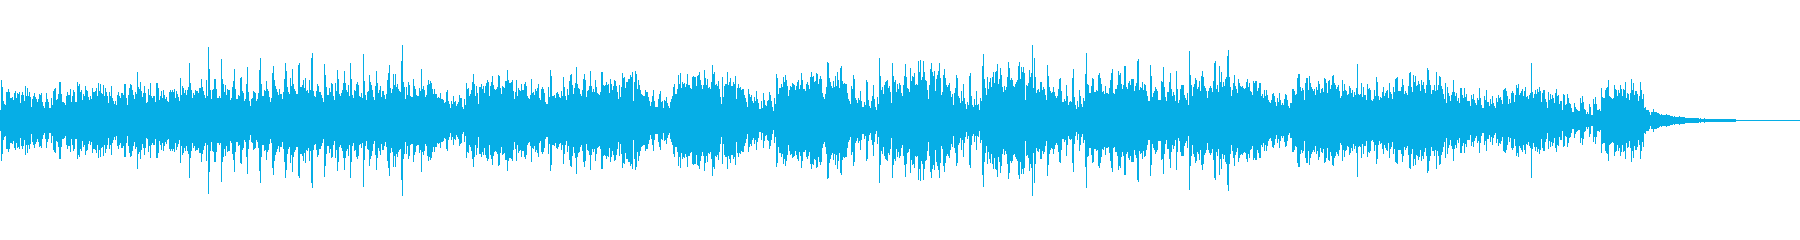 エレクトリックで軽やかなBGMの再生済みの波形